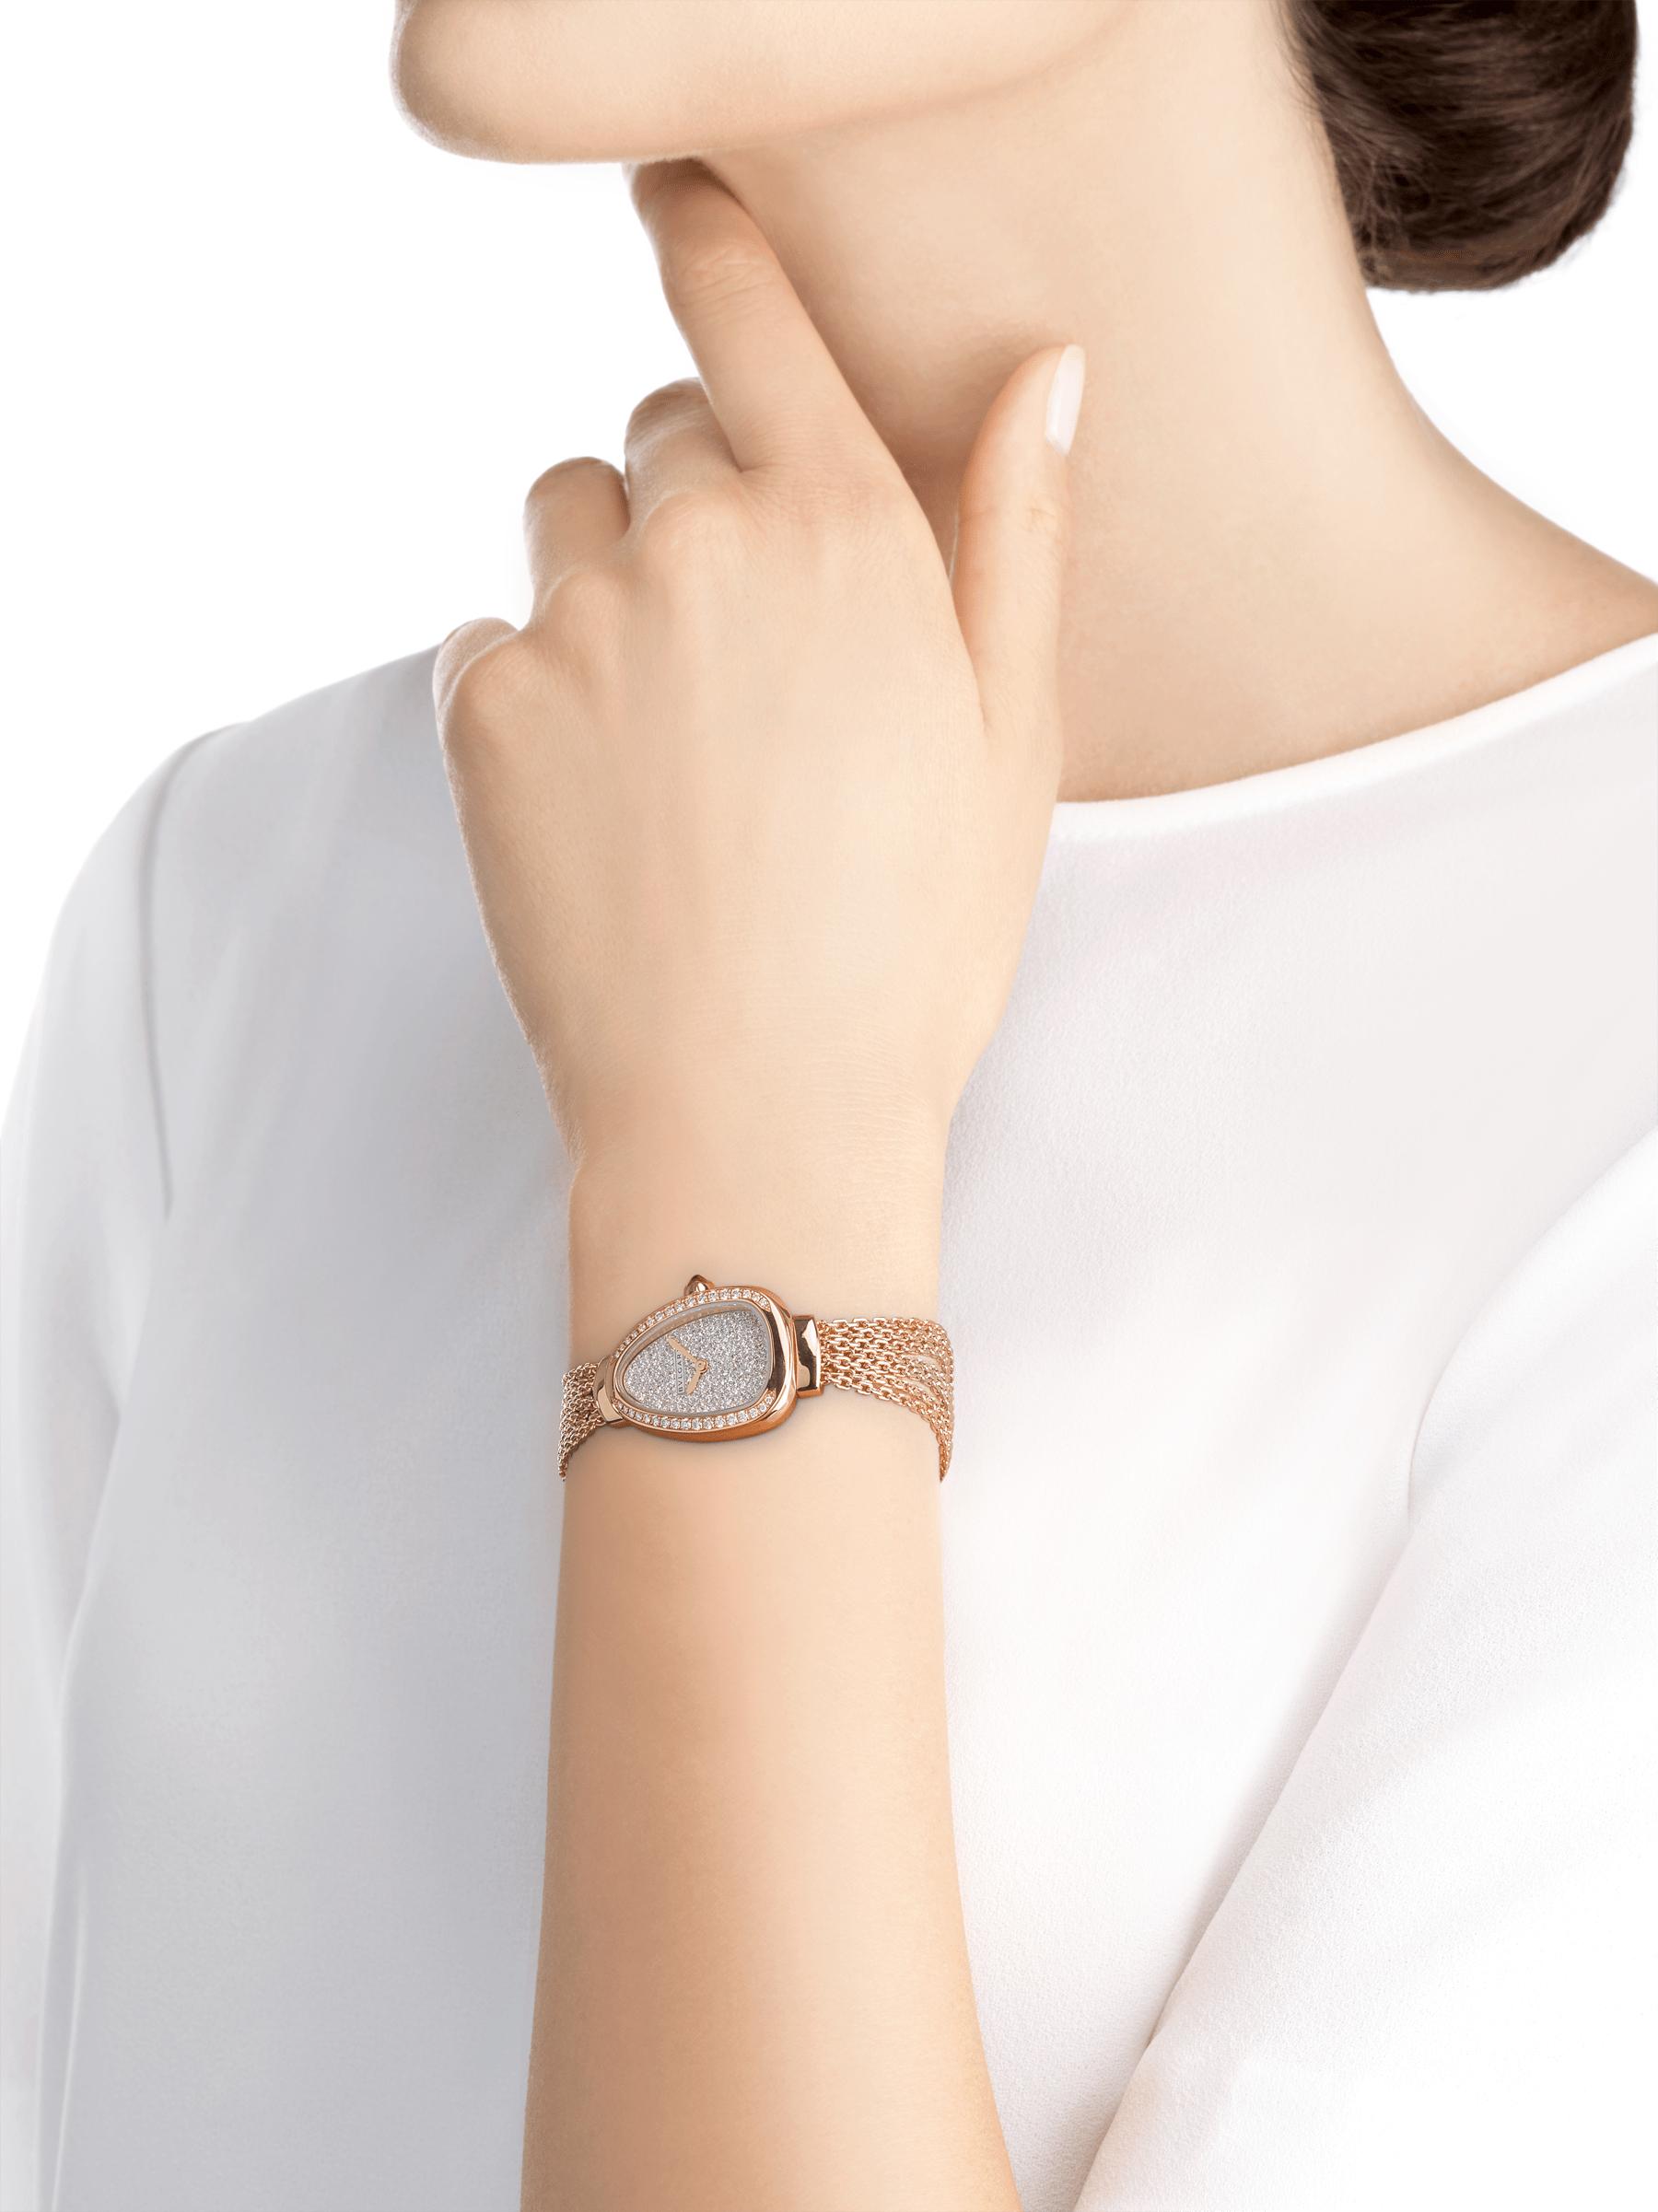 Reloj Serpenti con caja en oro rosa de 18qt con diamantes talla brillante engastados, esfera con pavé efecto nieve y brazalete de cadena de una vuelta intercambiable en oro rosa de 18qt 103063 image 4